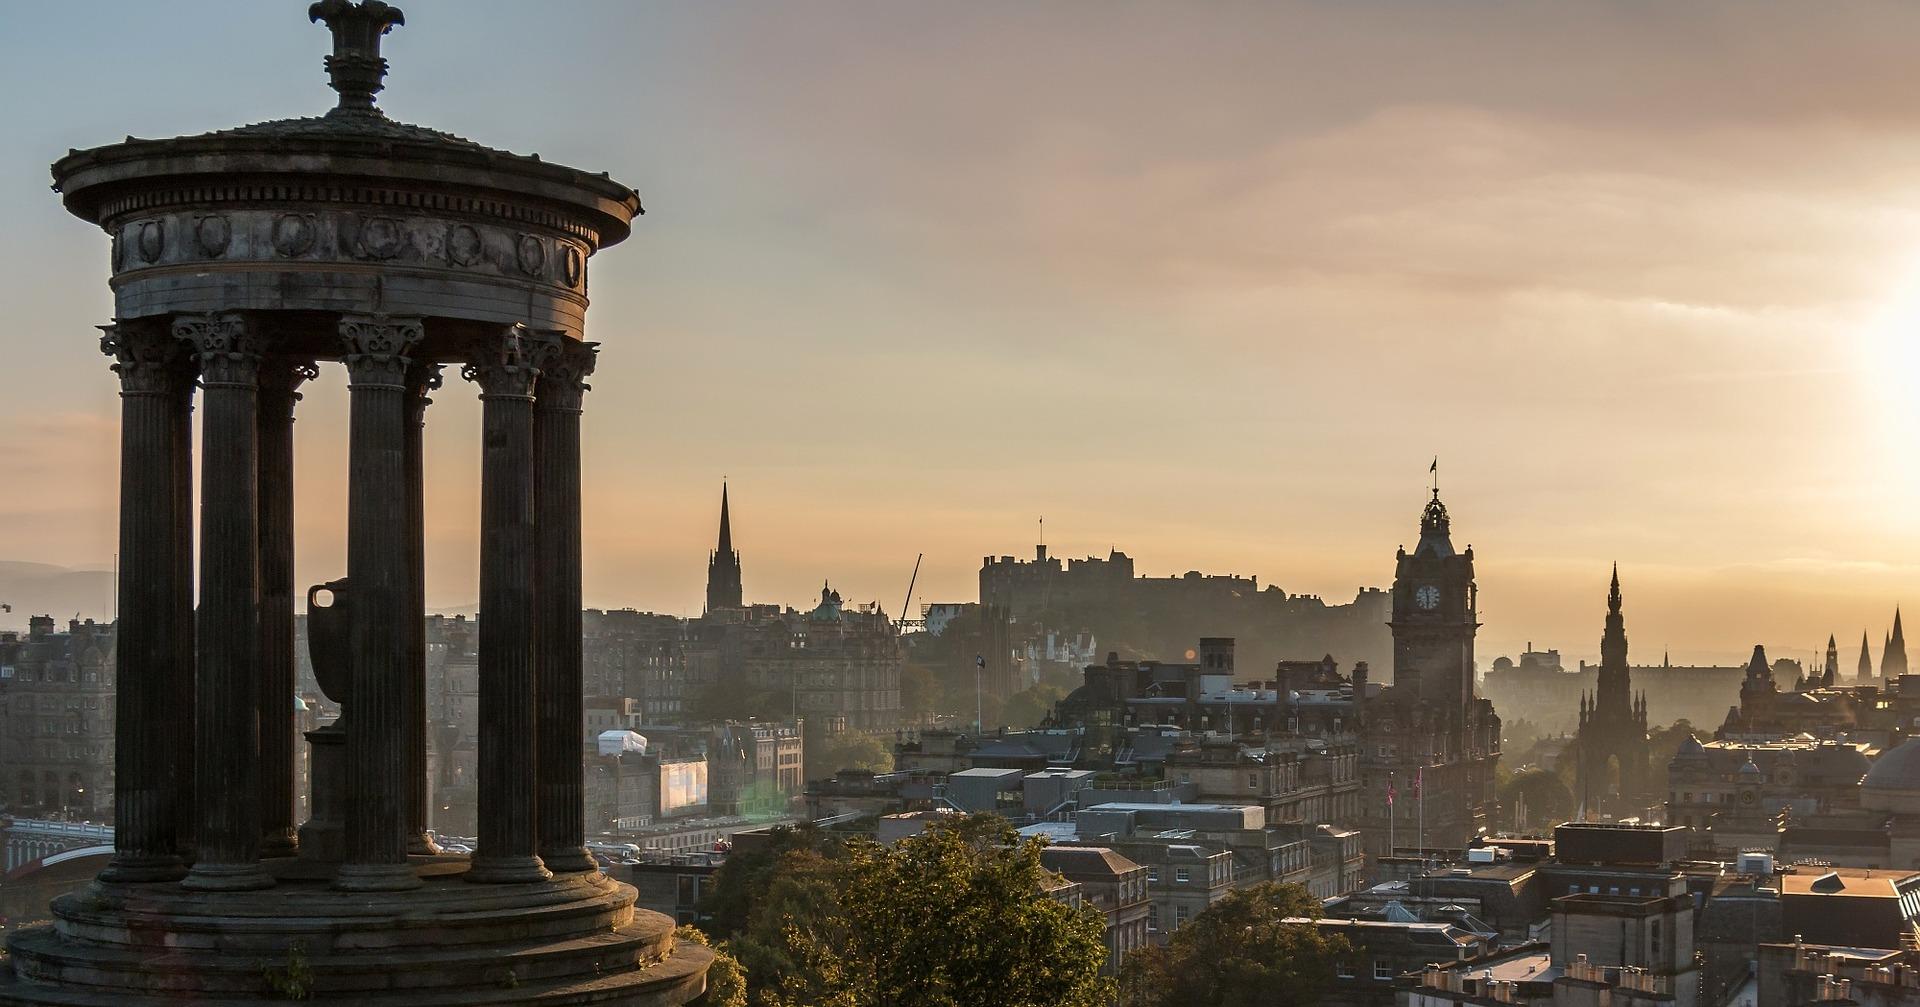 Direktflüge und Billigflüge nach Schottland